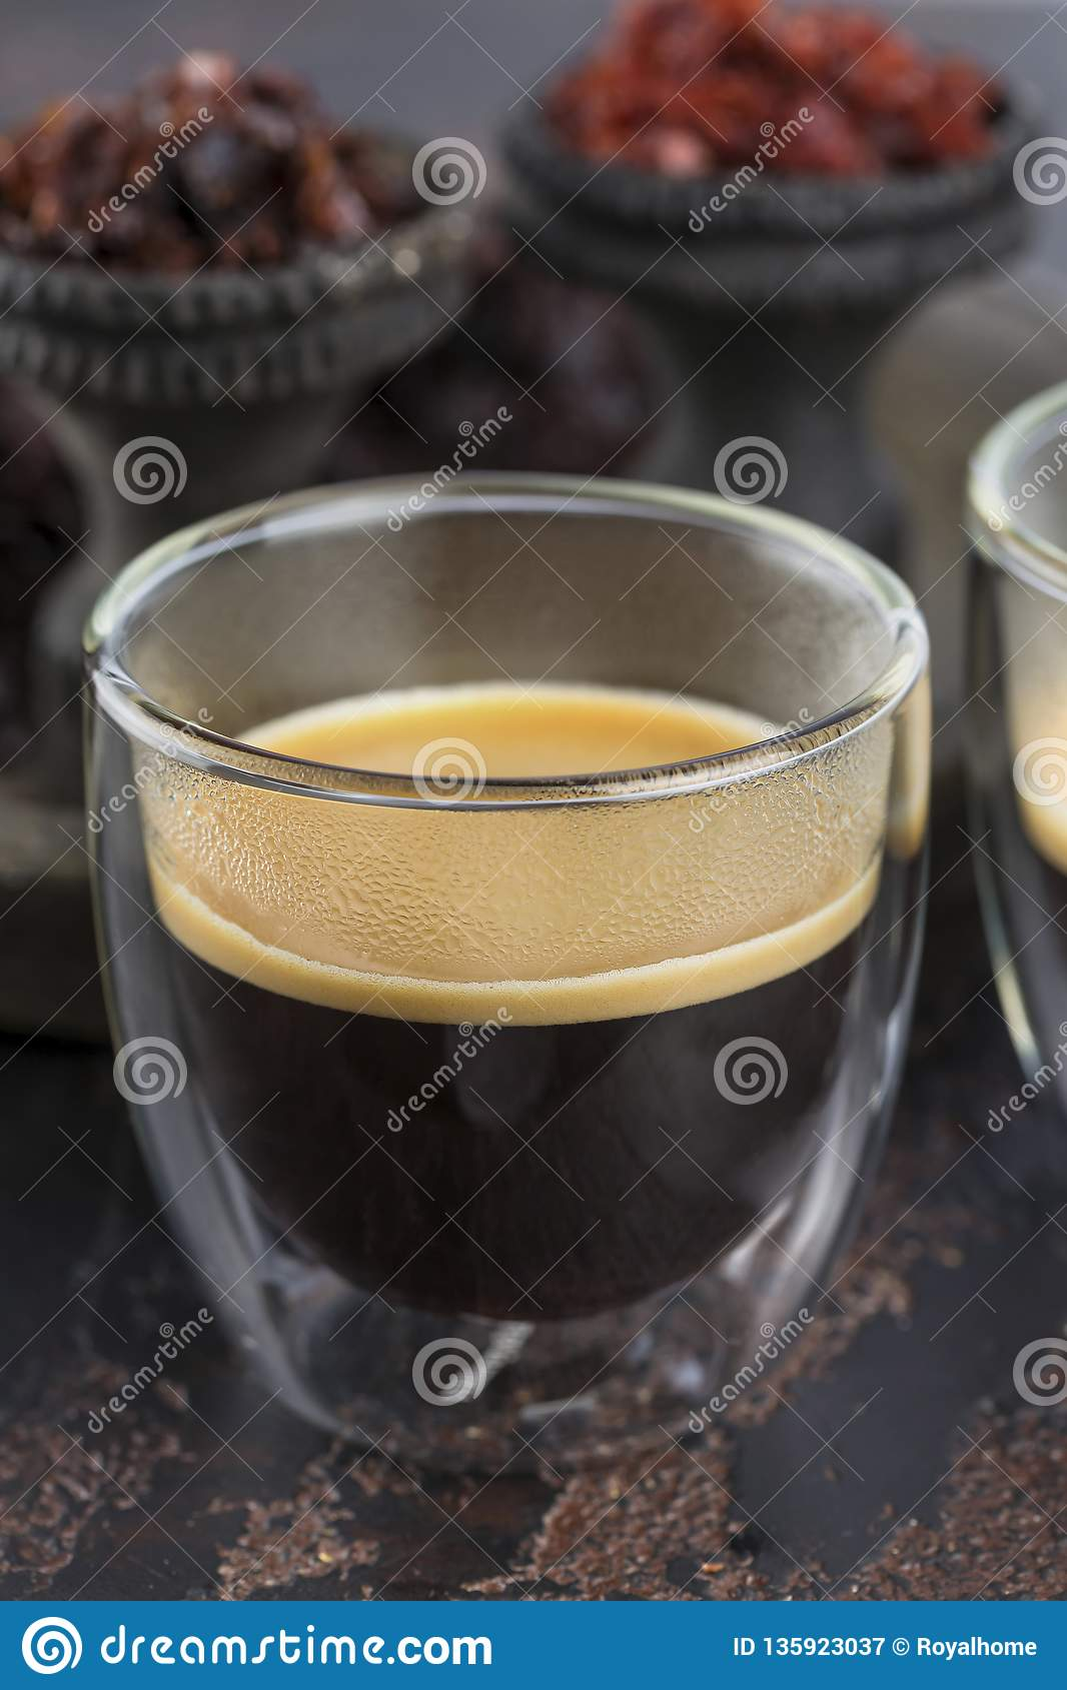 Espressokaffe i små exponeringsglaskoppar på bakgrunden av keramiska koppar för att röka vattenpipan som fylls med olika typer av